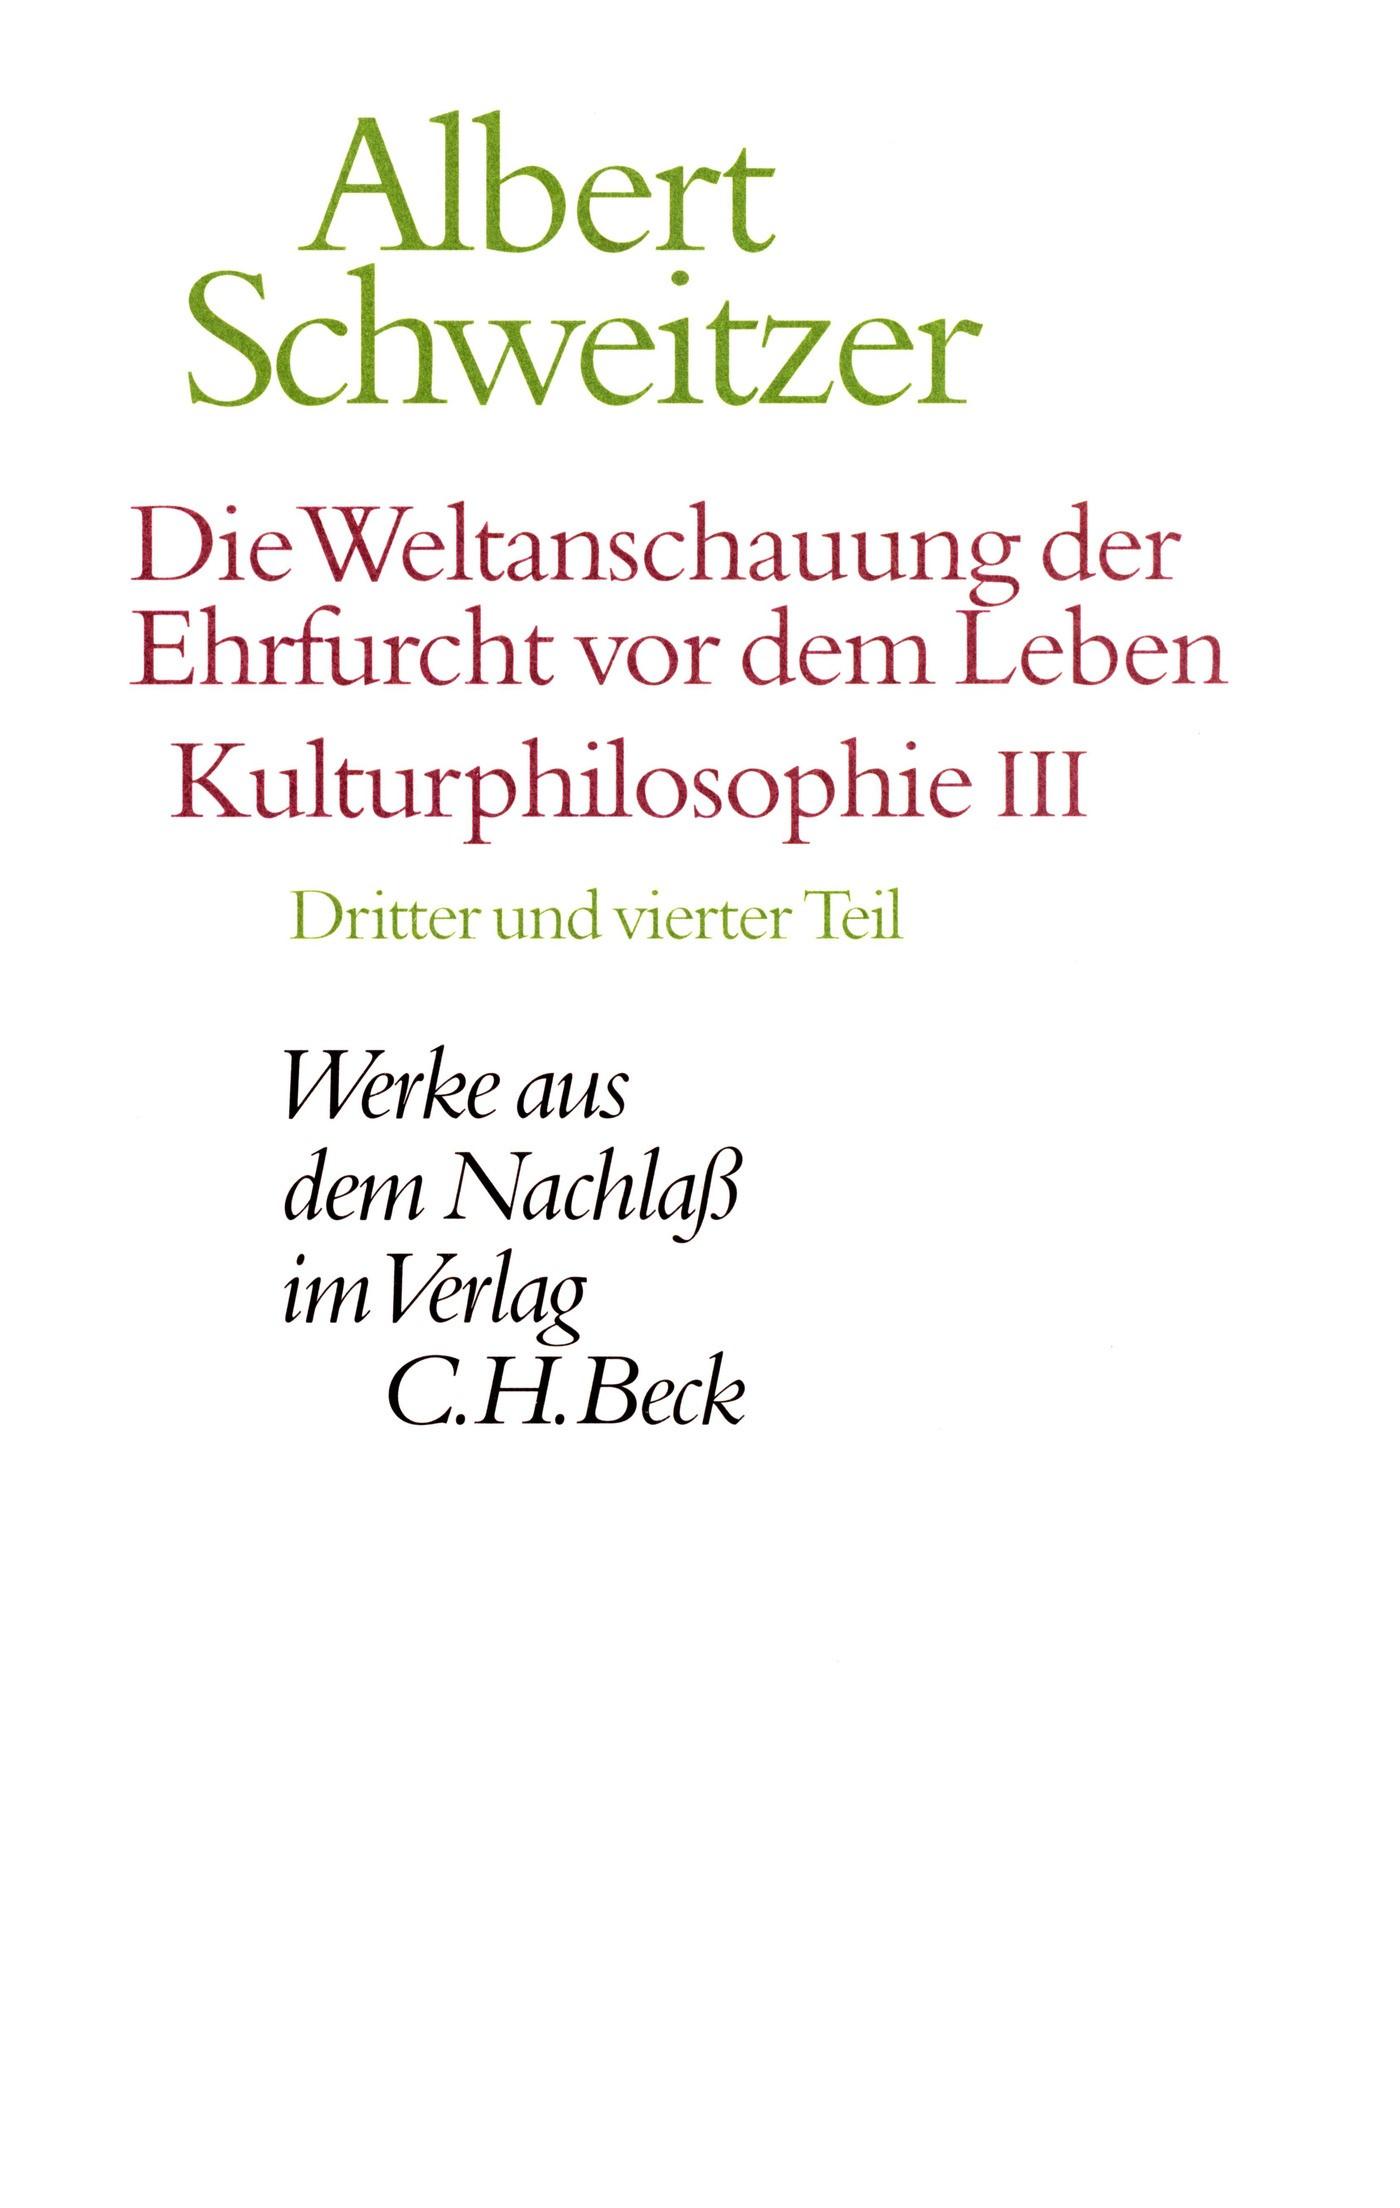 Cover des Buches 'Die Weltanschauung der Ehrfurcht vor dem Leben. Kulturphilosophie III'